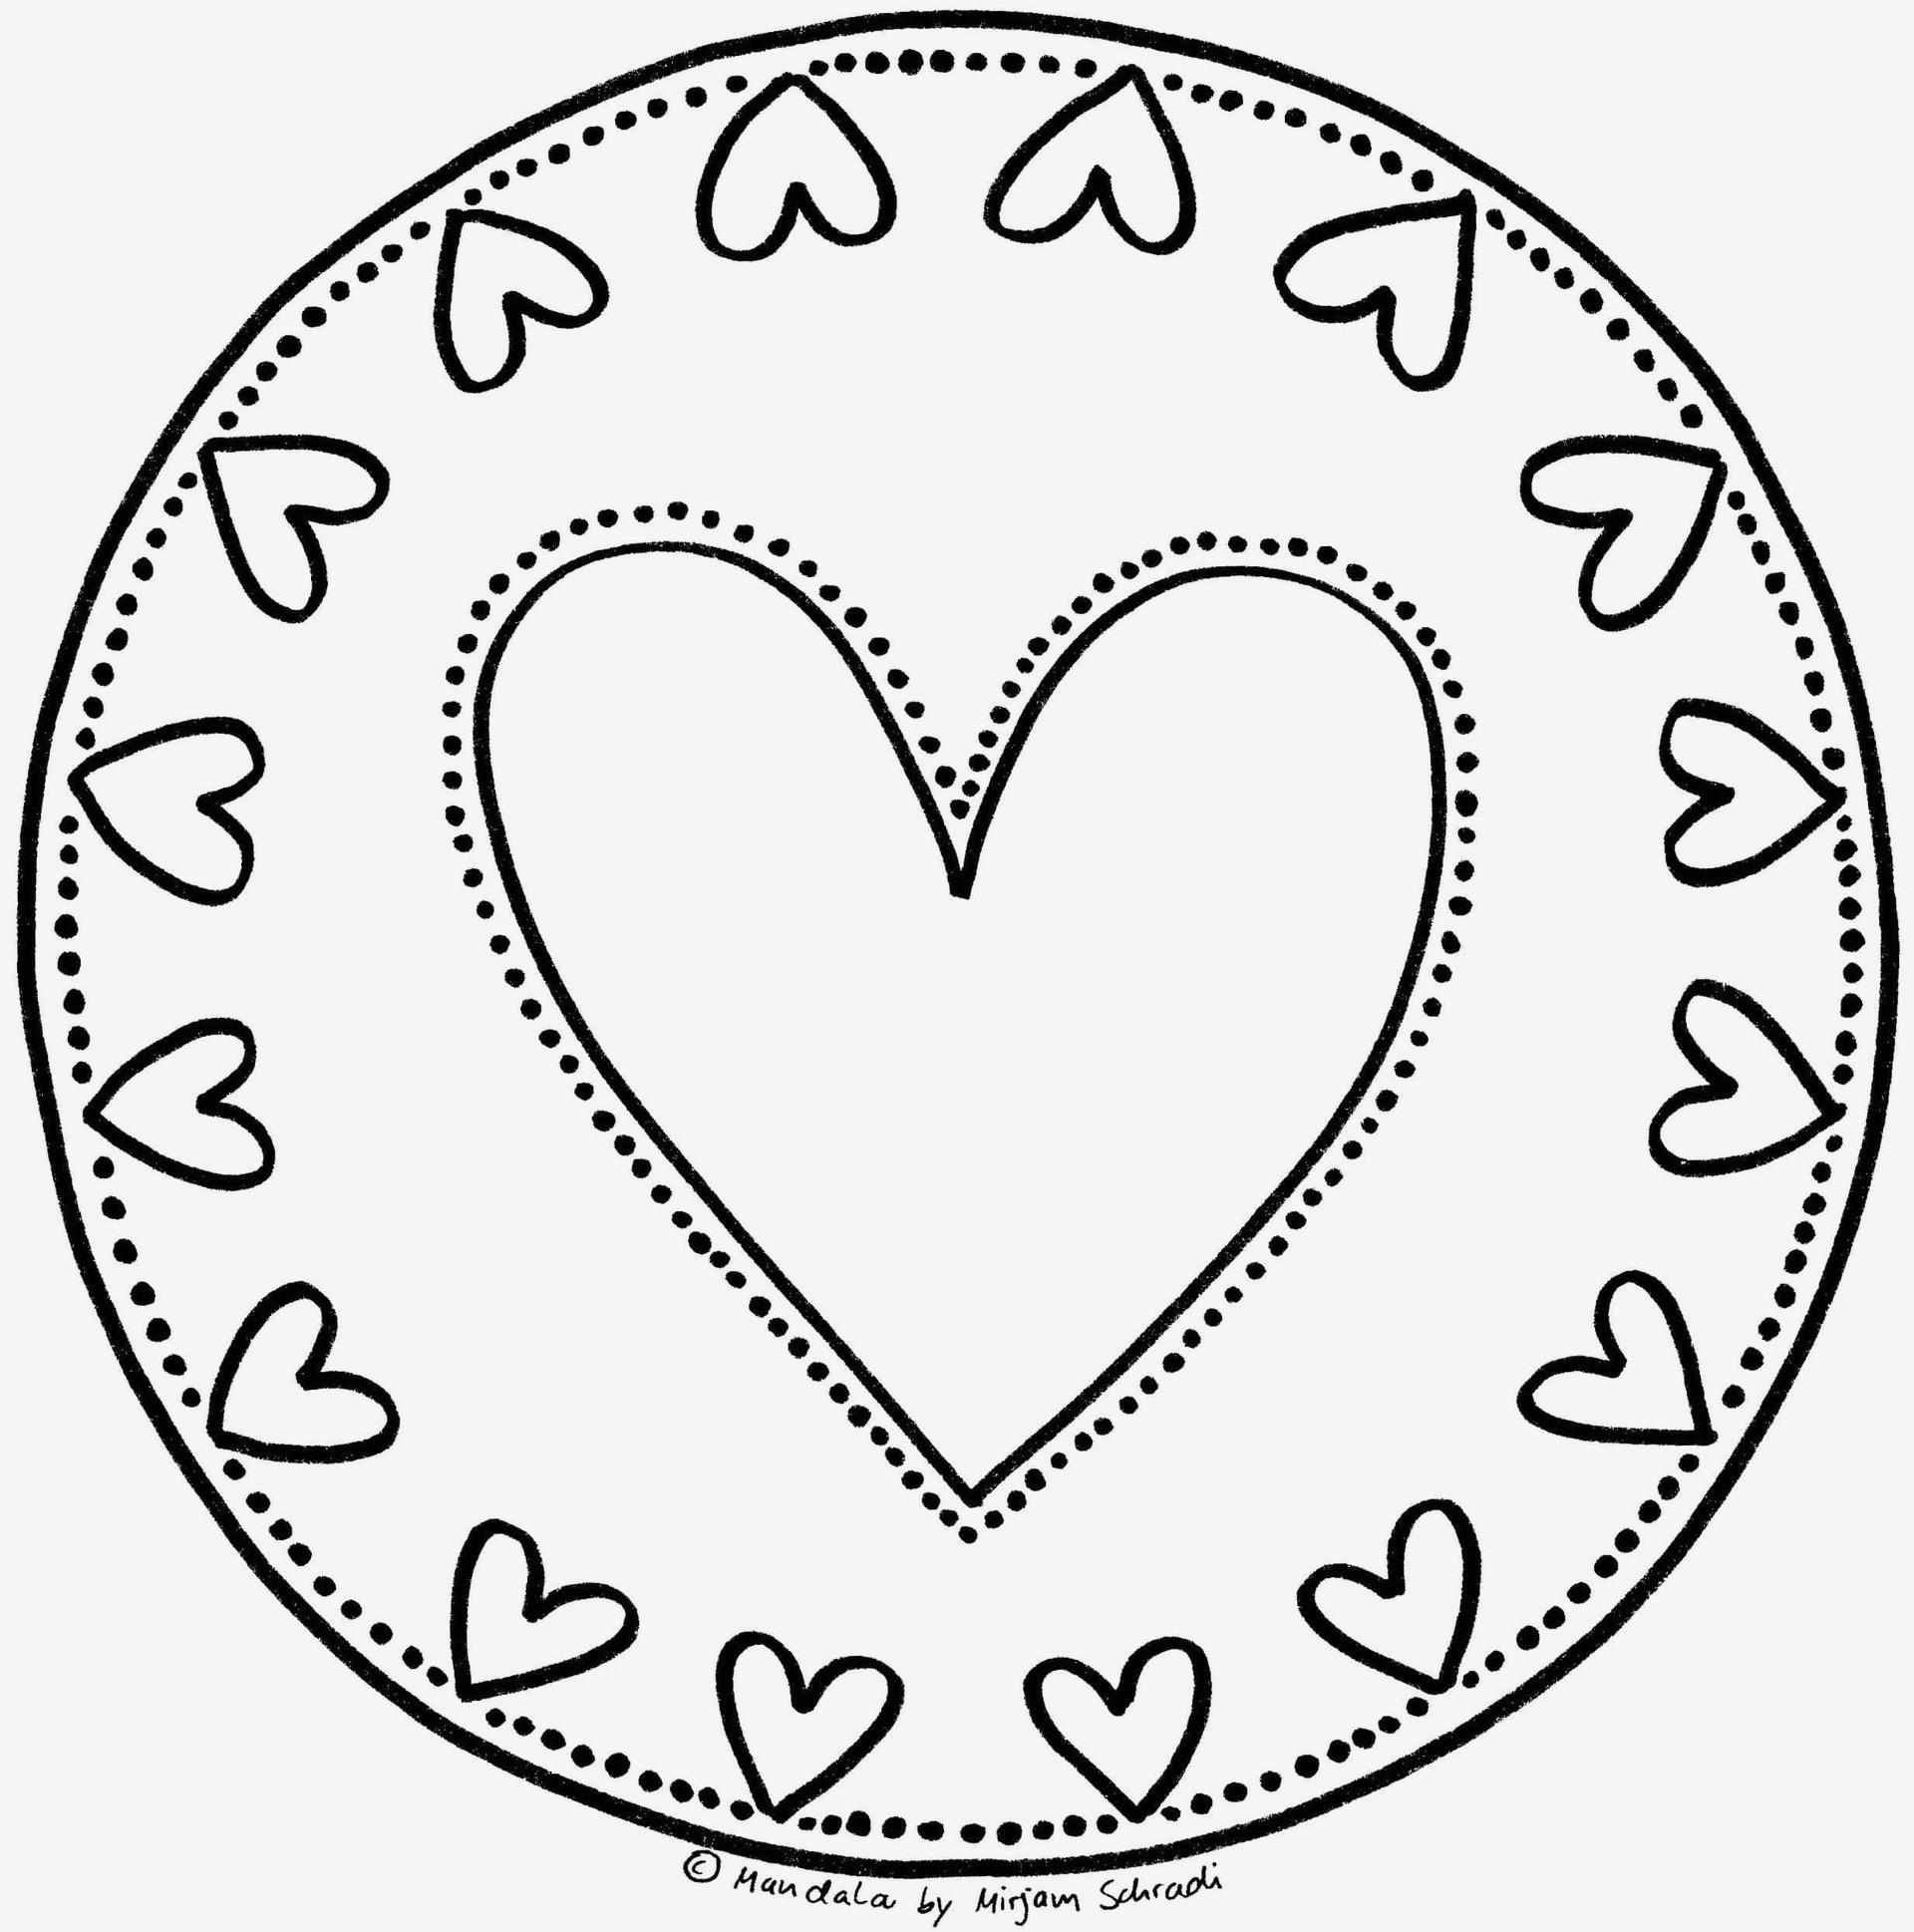 Mandalas Zum Ausdrucken Herzen Genial Bildergalerie & Bilder Zum Ausmalen Mandala Zum Ausmalen Bild